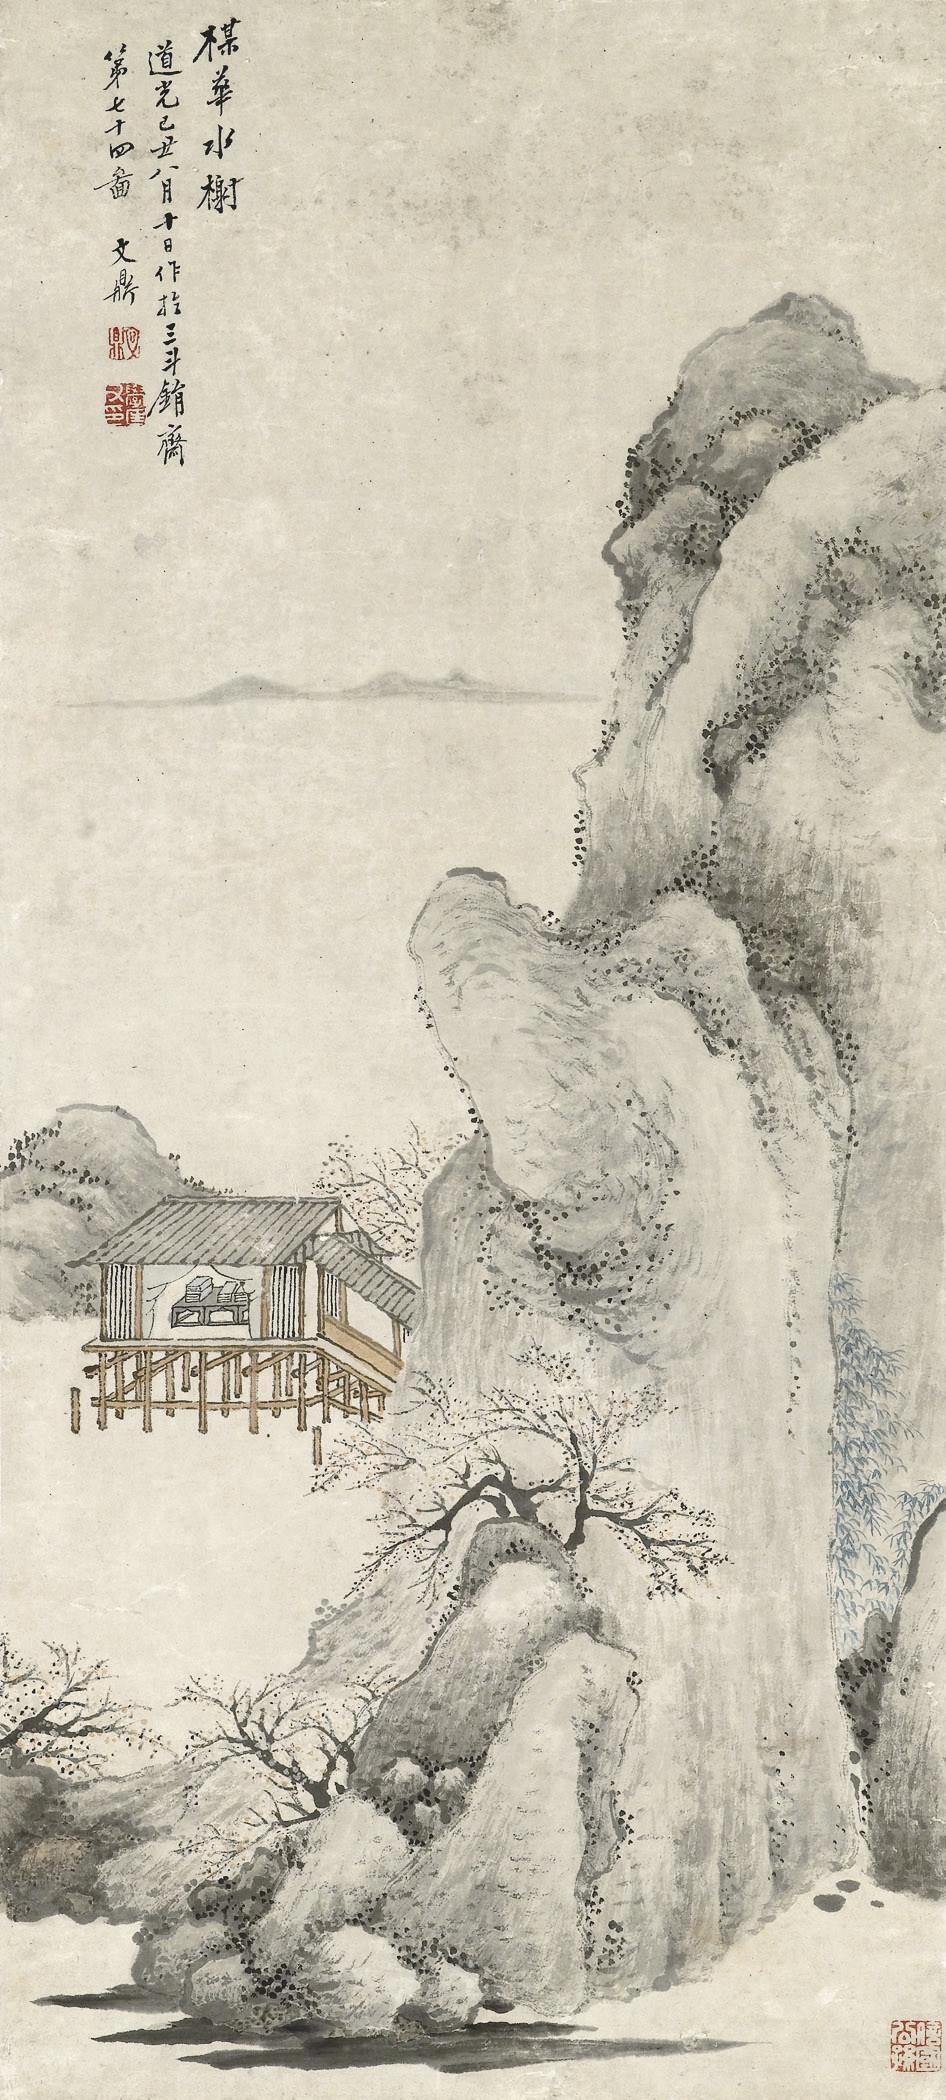 WEN DING (1766-1852)